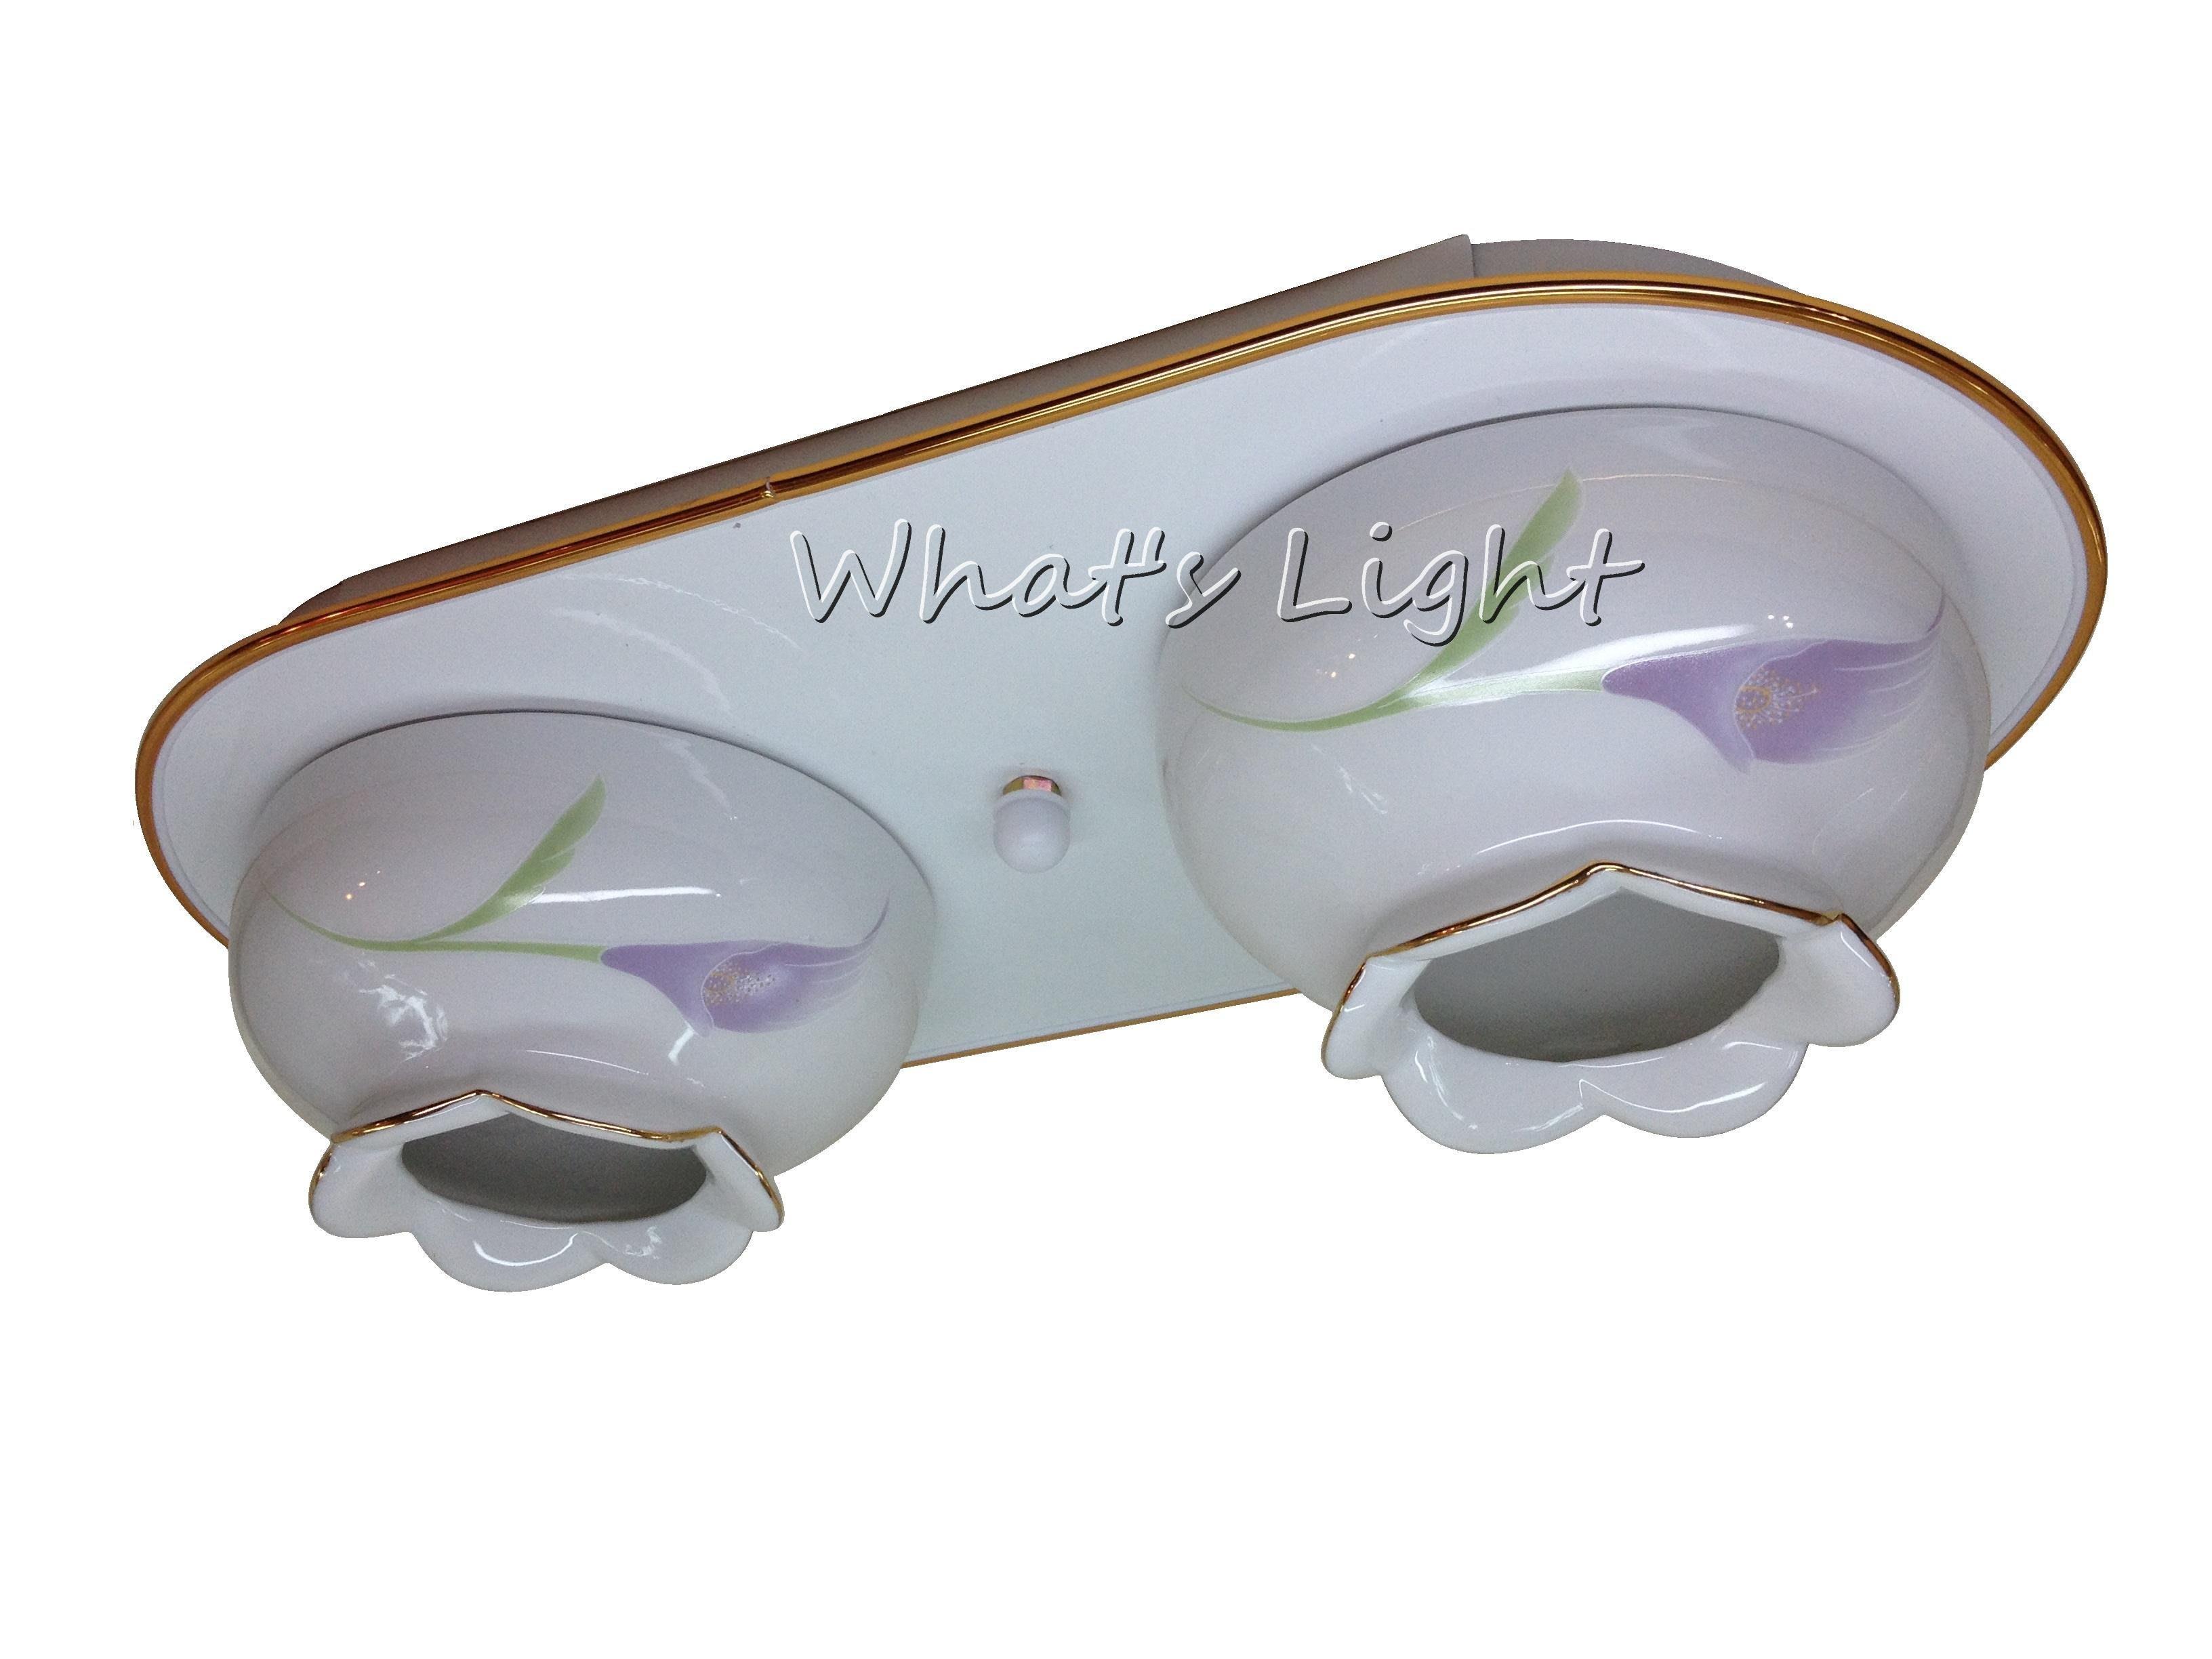 划得來LED燈飾~陶磁罩吸頂燈 E27*2 田園鄉村風格 陶瓷吸頂雙燈 另有5燈 可搭螺旋/LED燈泡 S3472